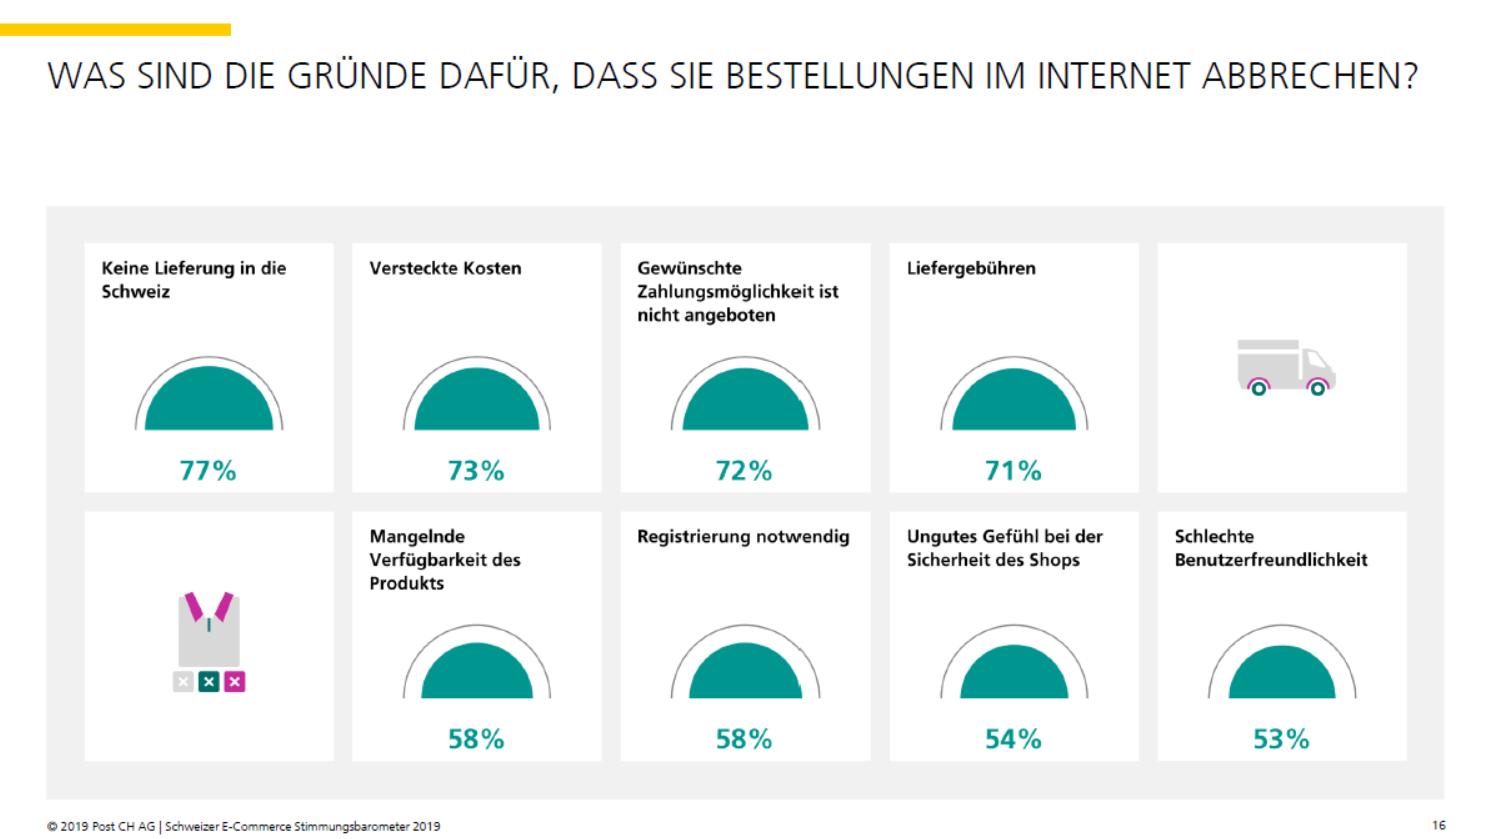 Gründe für einen Bestellabbruch der Konsumenten - Quelle: E-Commerce Stimmungsbarometer 2019